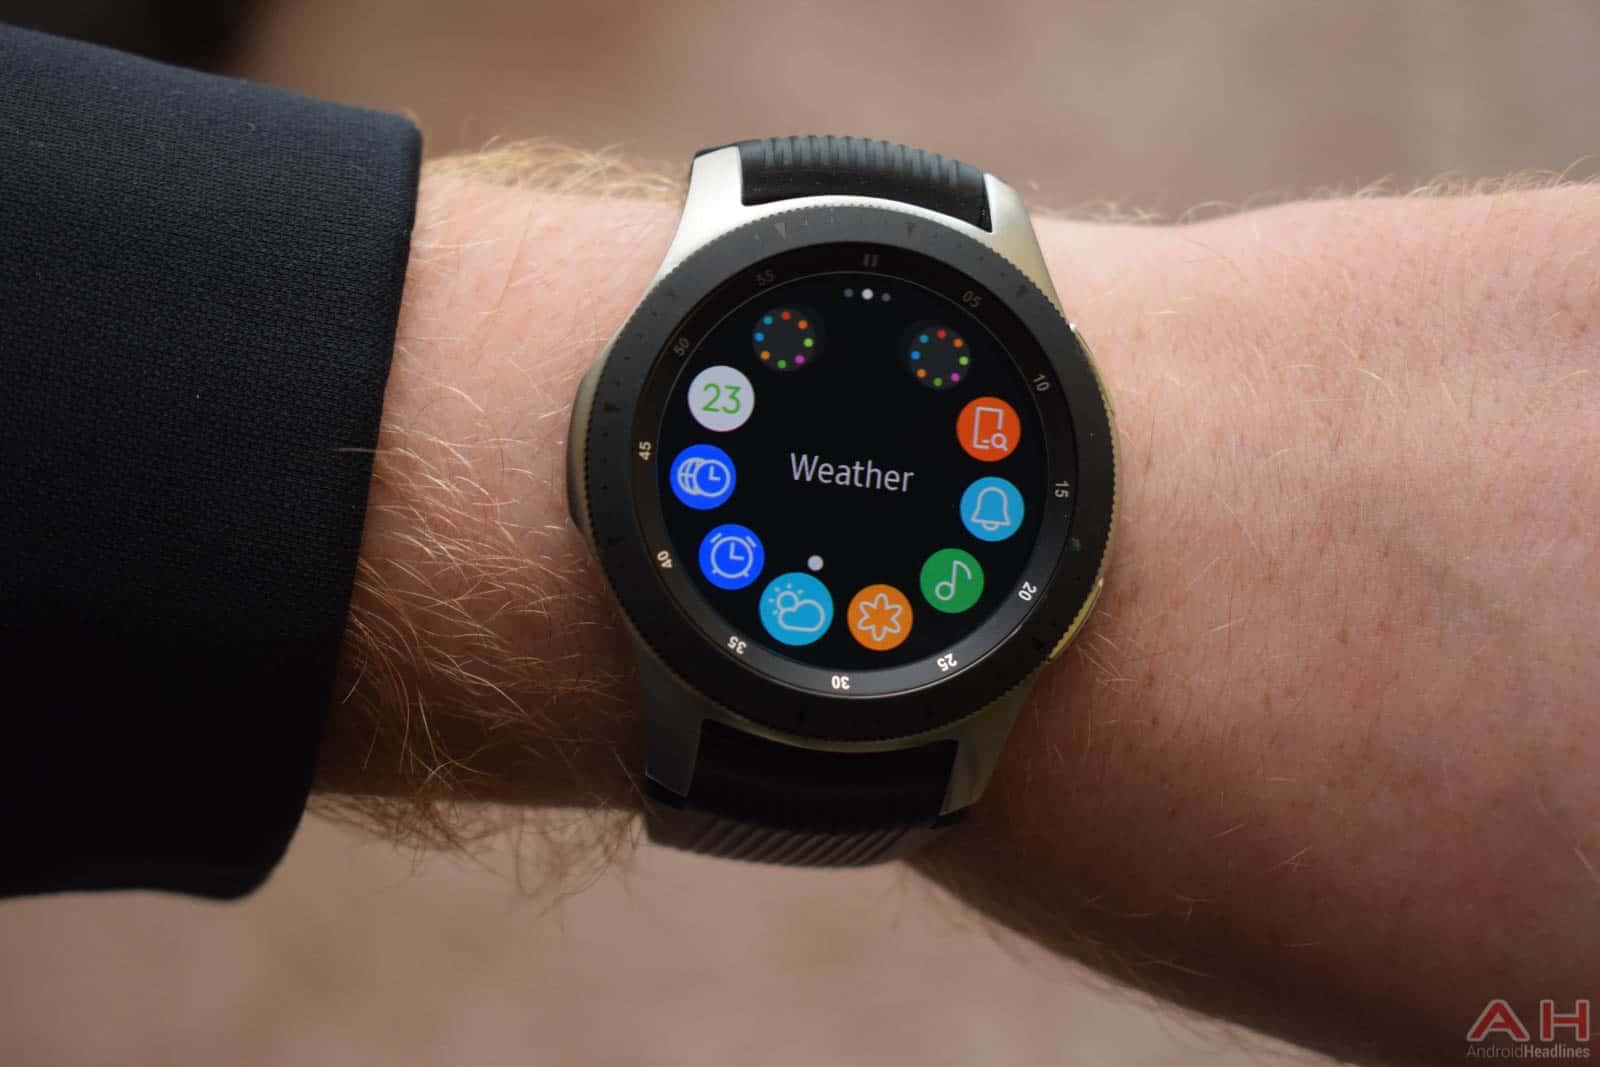 Samsung Galaxy Watch AM AH 2 2